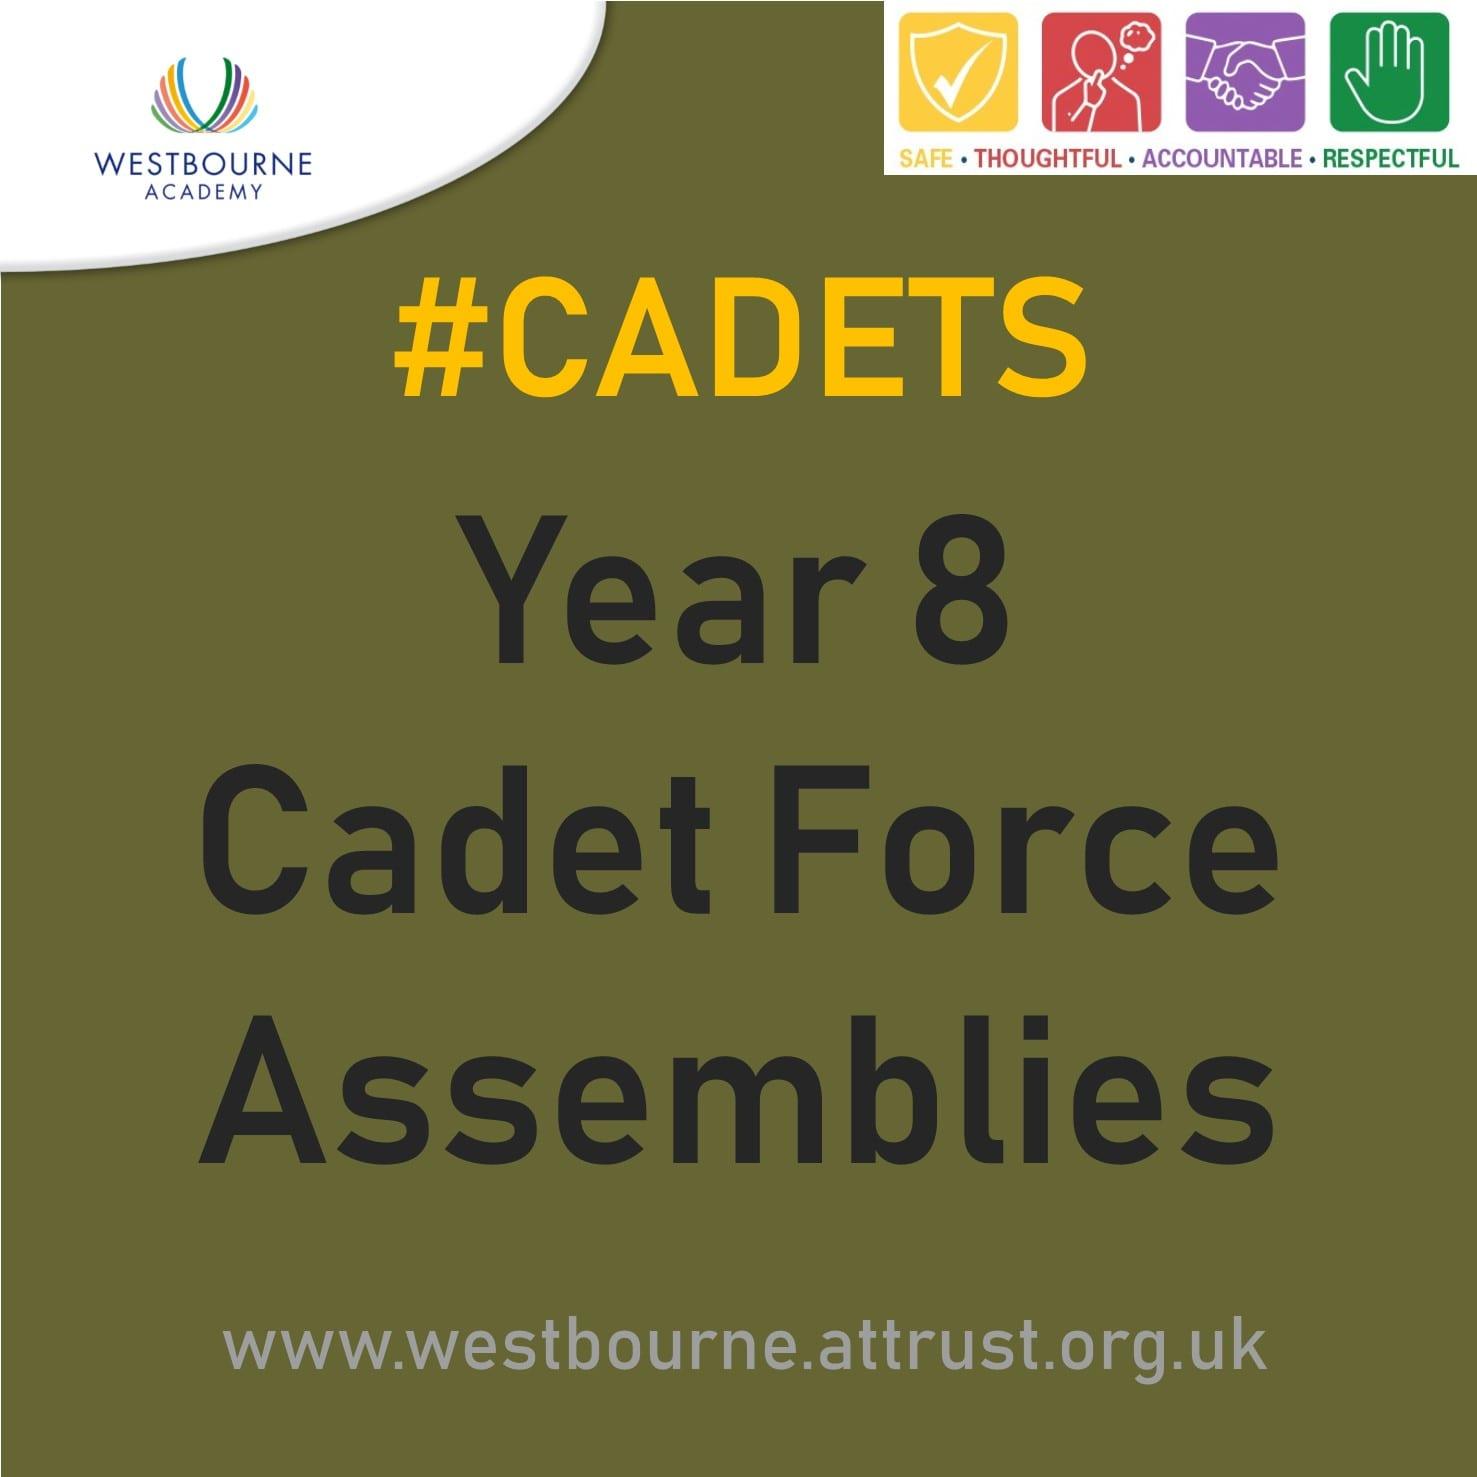 #Cadets Year 8 Cadet Force Assemblies